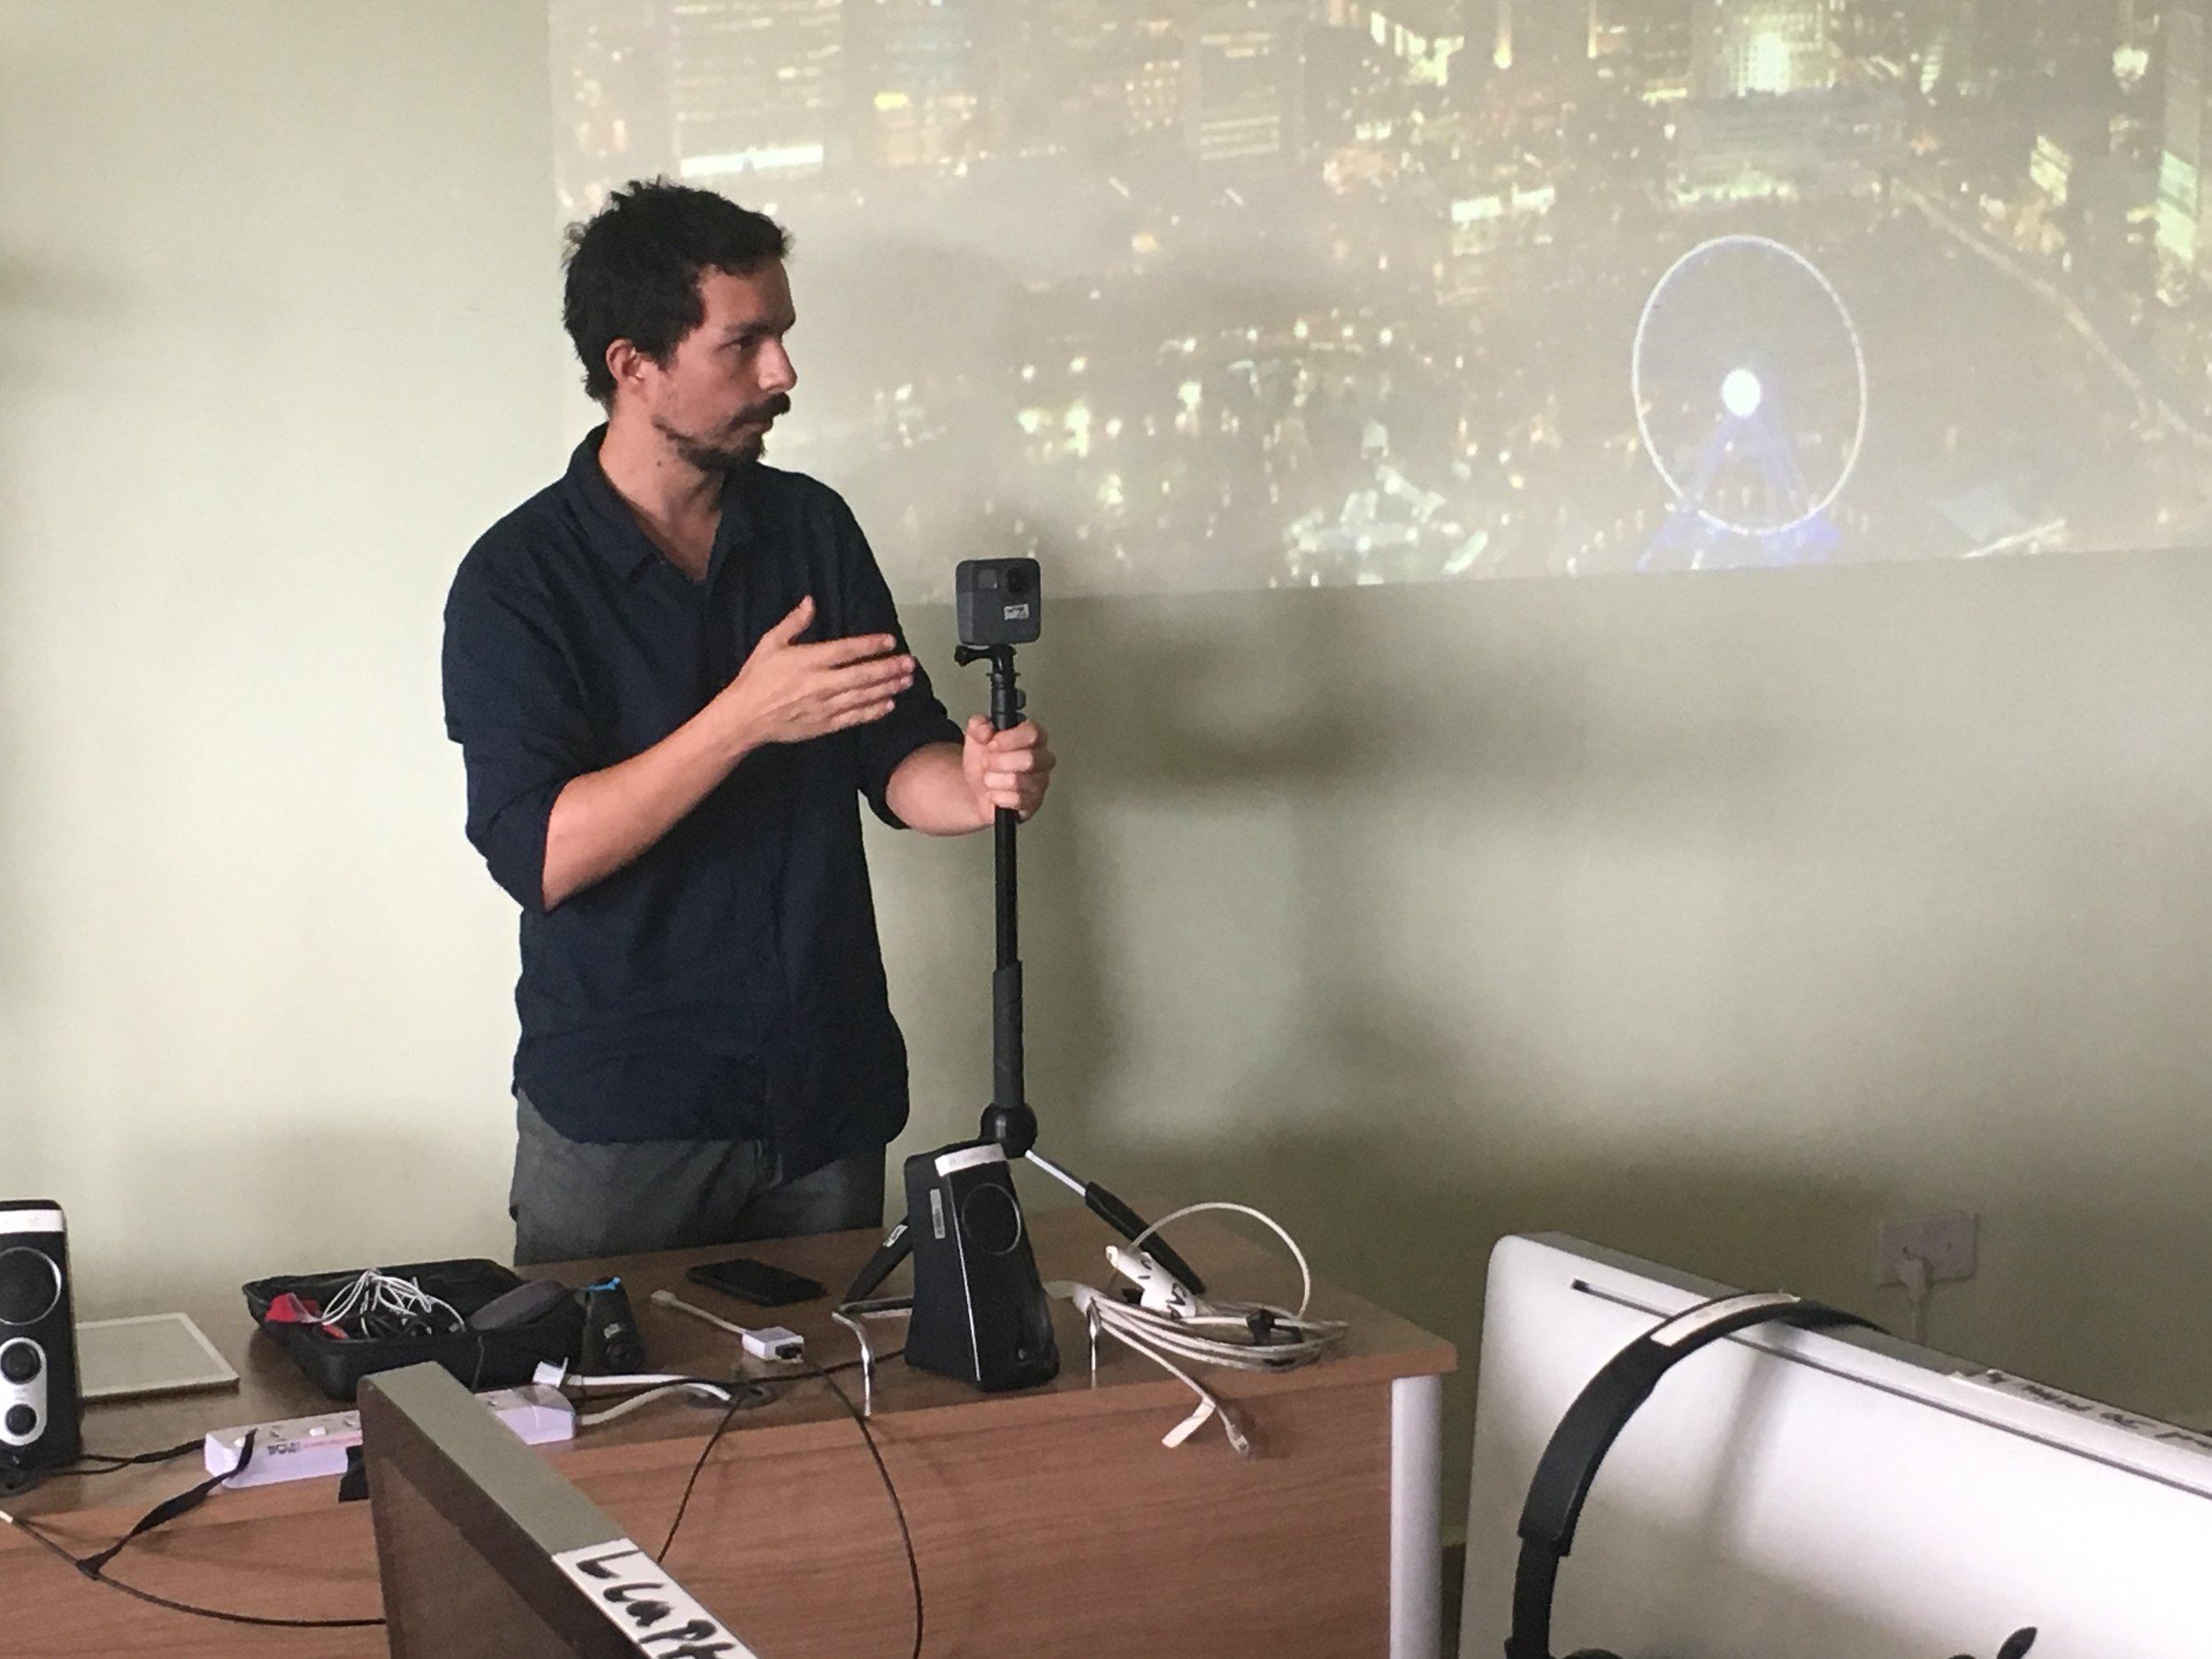 Nicolas Cuellar showing of the 360 video camera (GoPro Fusion)